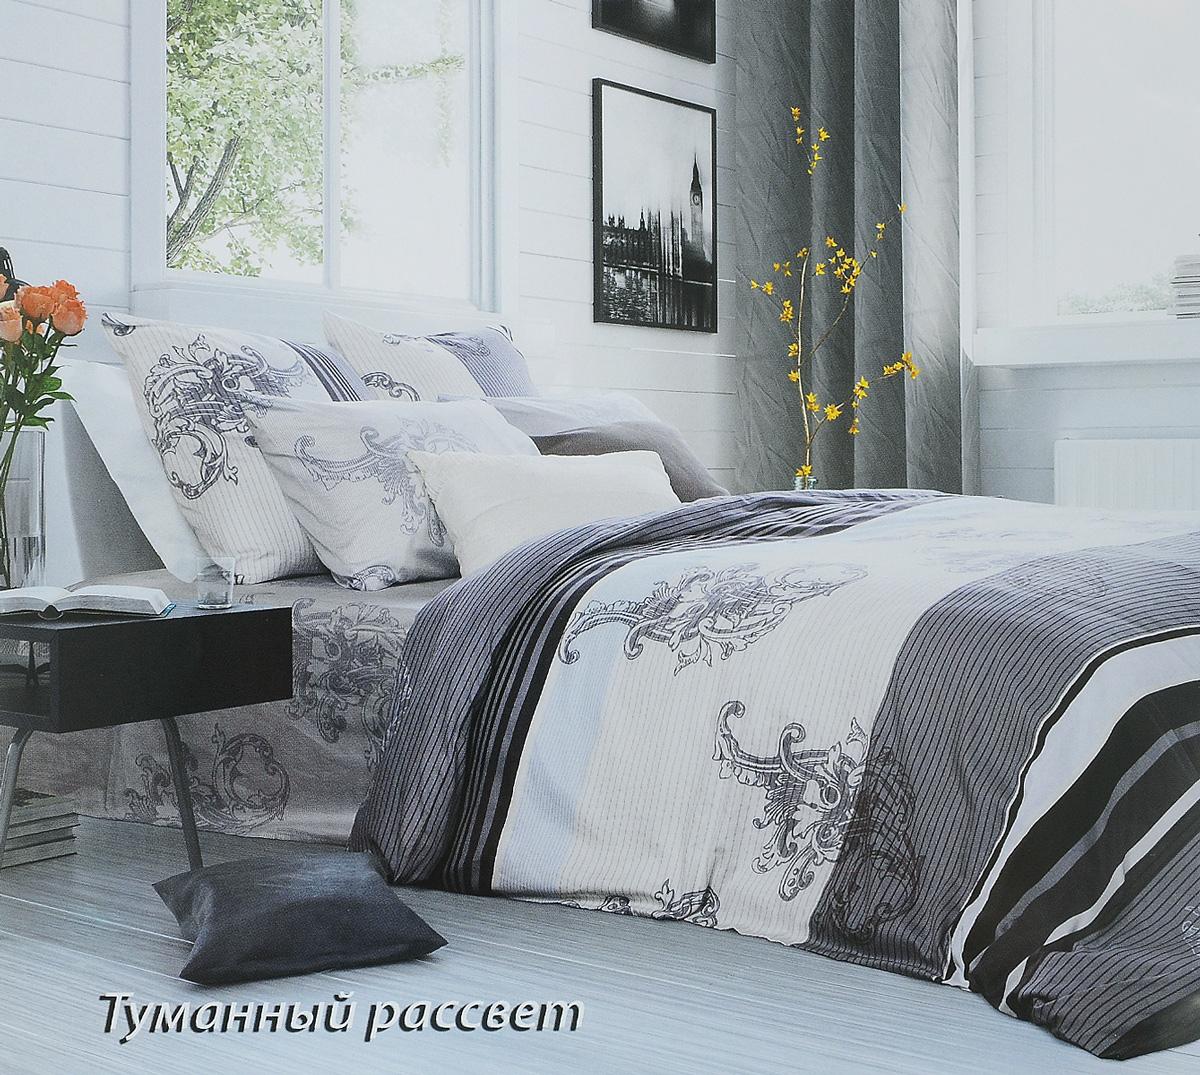 Комплект белья Tiffanys Secret Туманный рассвет, 1,5-спальный, наволочки 70х70, цвет: серый, белый10503Комплект постельного белья Tiffanys Secret Туманный рассвет является экологически безопасным для всей семьи, так как выполнен из сатина (100% хлопок). Комплект состоит из пододеяльника, простыни и двух наволочек. Предметы комплекта оформлены оригинальным рисунком.Благодаря такому комплекту постельного белья вы сможете создать атмосферу уюта и комфорта в вашей спальне.Сатин - это ткань, навсегда покорившая сердца человечества. Ценившие роскошь персы называли ее атлас, а искушенные в прекрасном французы - сатин. Секрет высококачественного сатина в безупречности всего технологического процесса. Эту благородную ткань делают только из отборной натуральной пряжи, которую получают из самого лучшего тонковолокнистого хлопка. Благодаря использованию самой тонкой хлопковой нити получается необычайно мягкое и нежное полотно. Сатиновое постельное белье превращает жаркие летние ночи в прохладные и освежающие, а холодные зимние - в теплые и согревающие. Сатин очень приятен на ощупь, постельное белье из него долговечно, выдерживает более 300 стирок, и лишь спустя долгое время материал начинает немного тускнеть. Оцените все достоинства постельного белья из сатина, выбирая самое лучшее для себя!